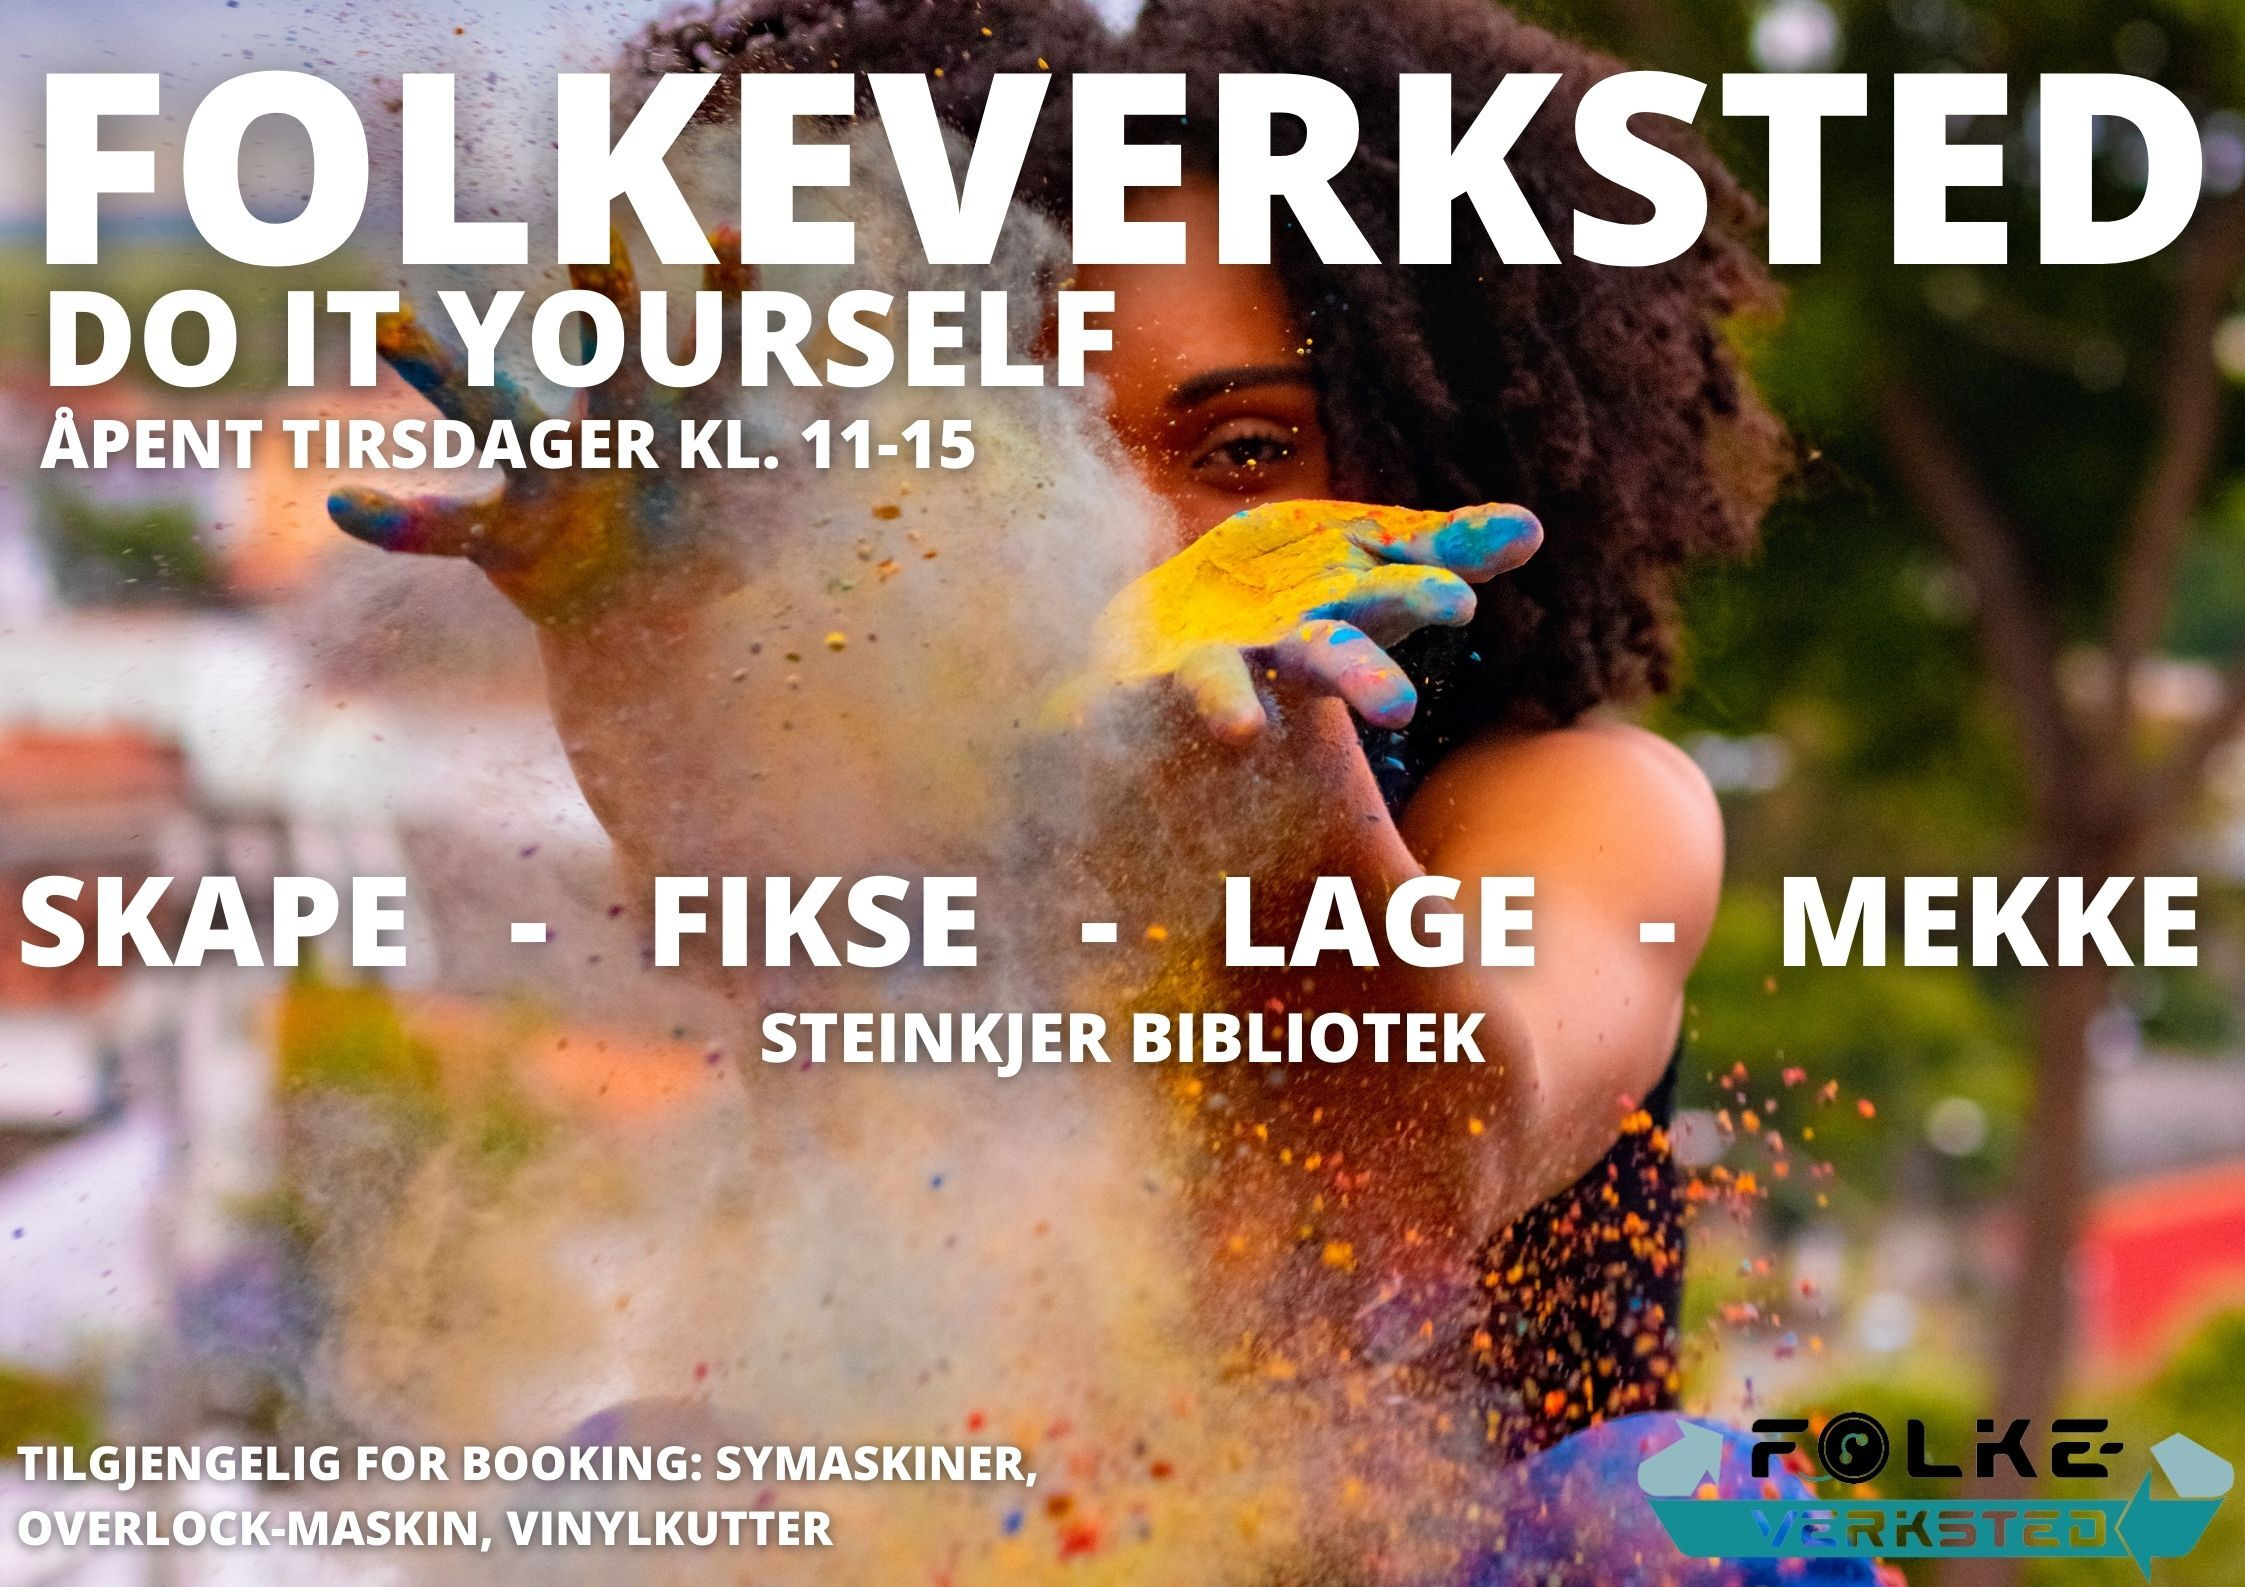 FOLKEVERKSTED DIY (3).jpg